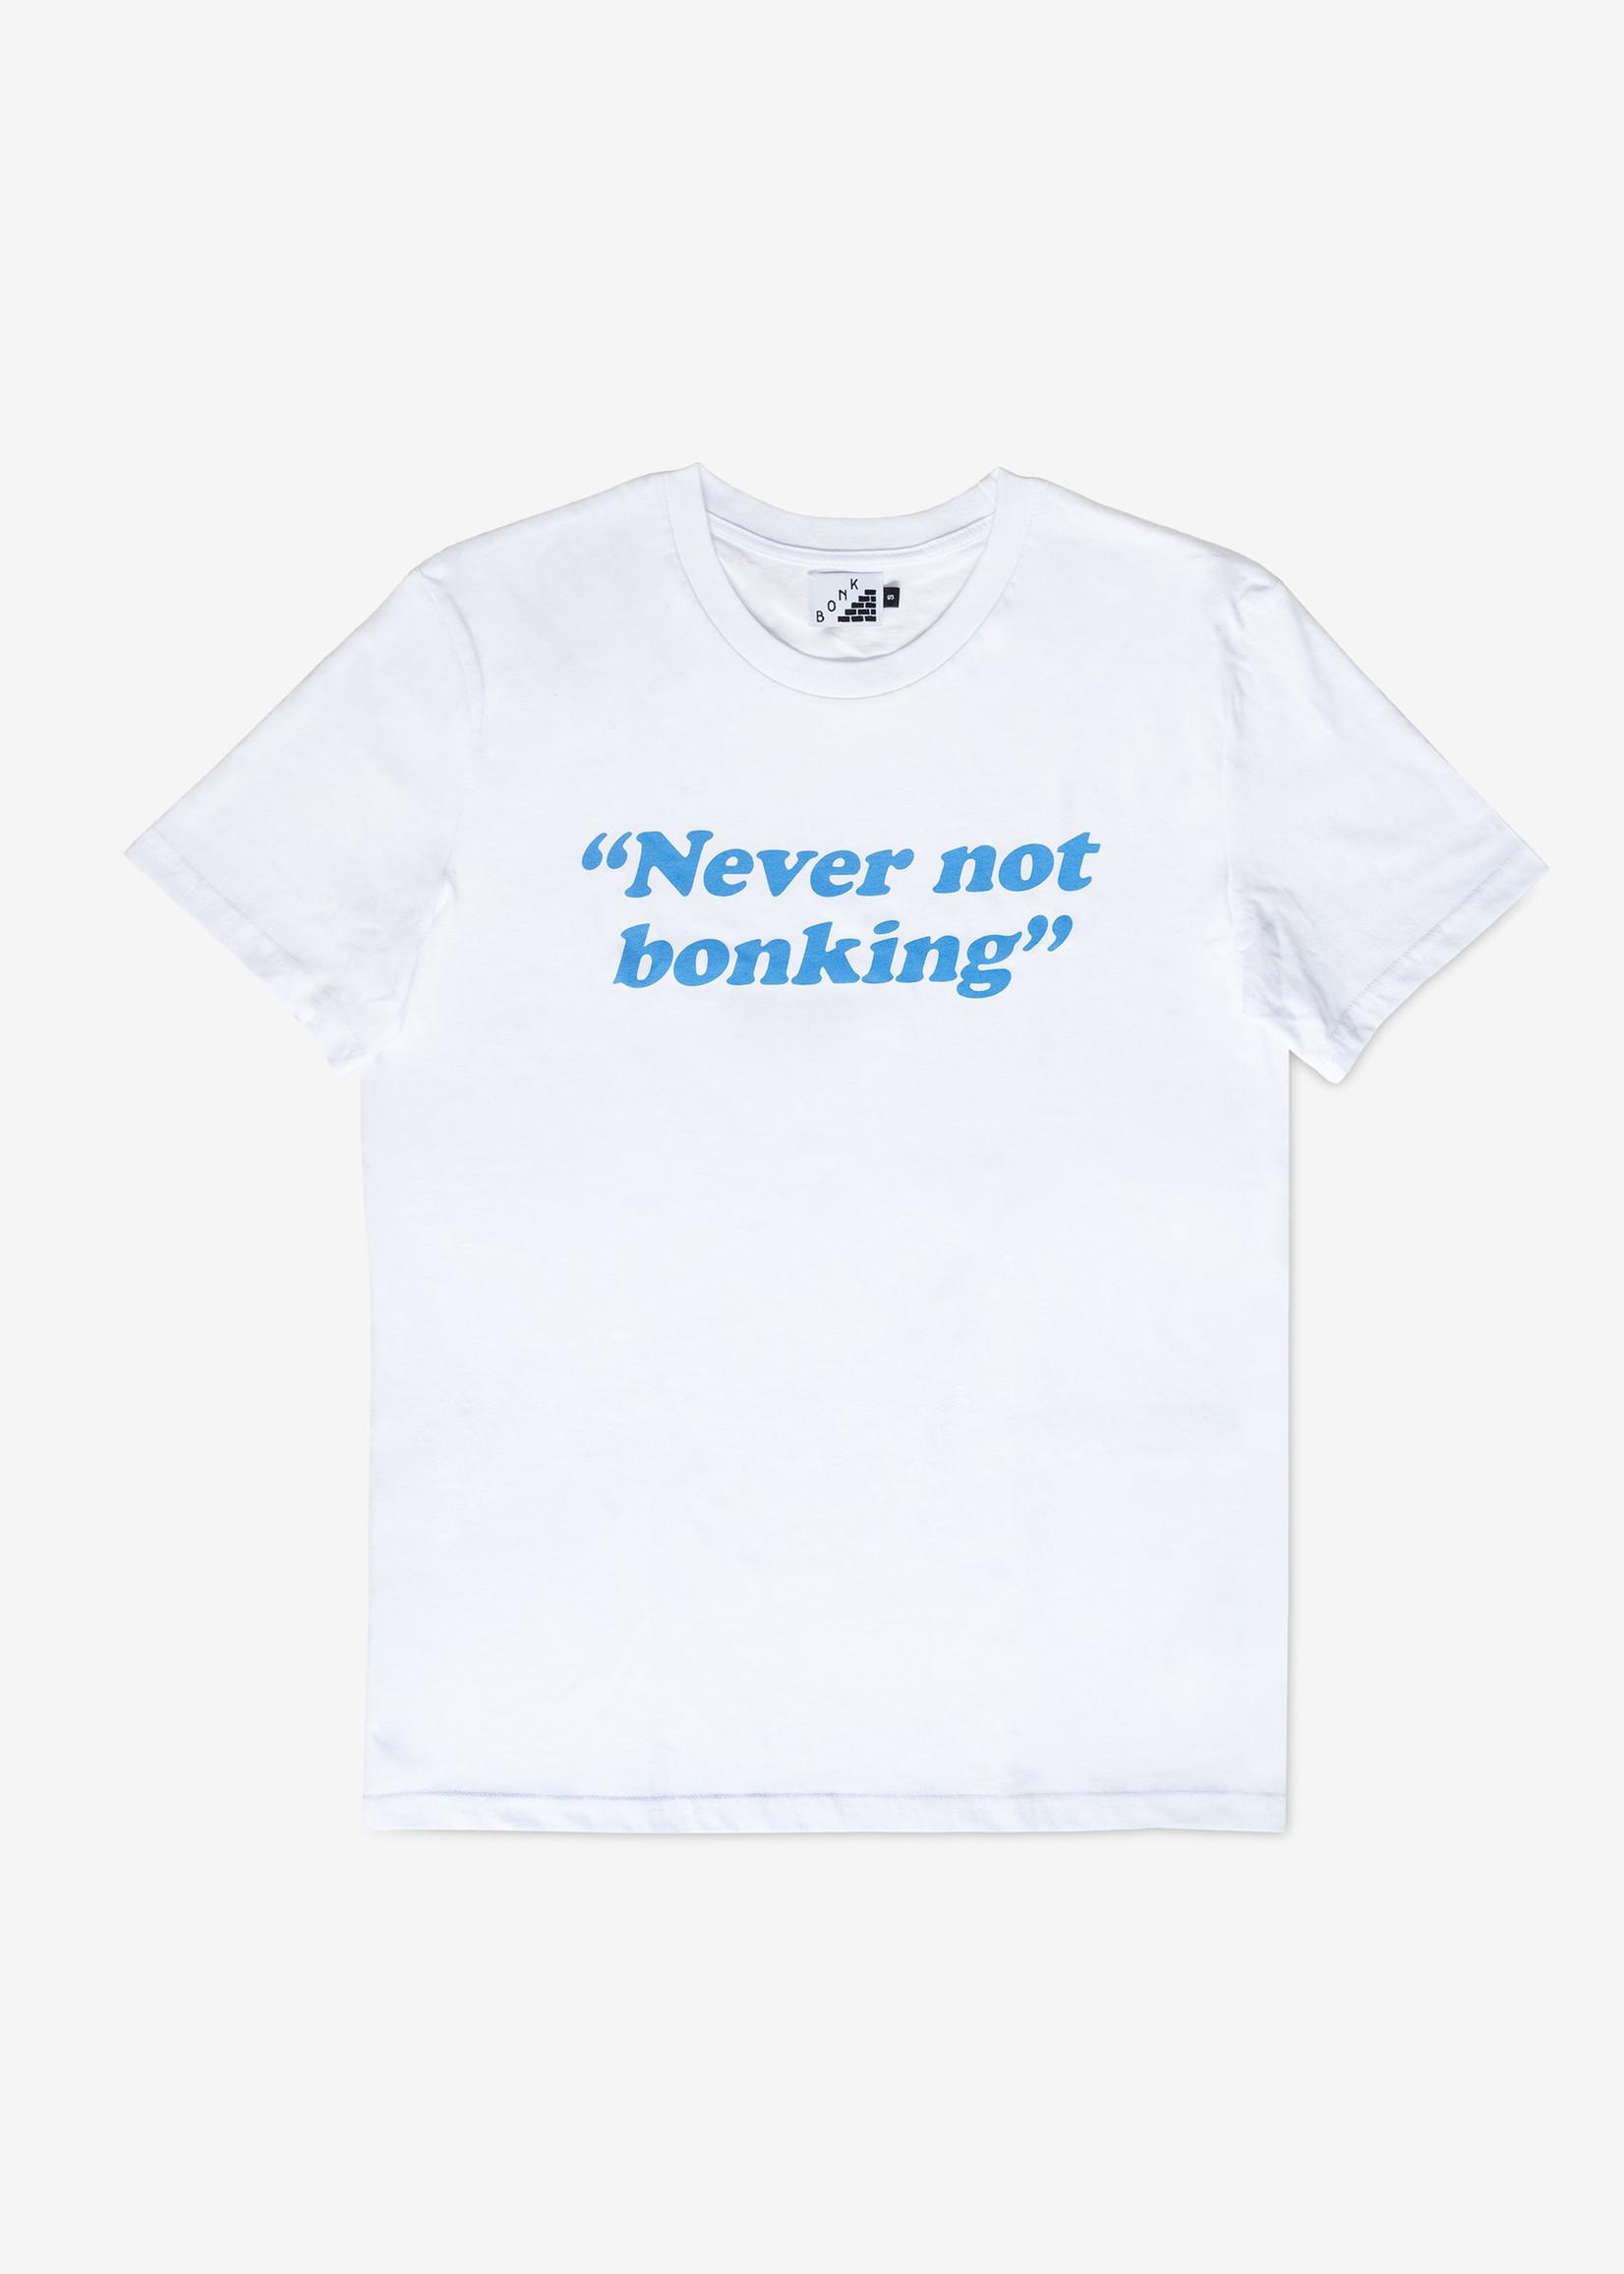 Bonk T-Shirt - Never not Bonking - White